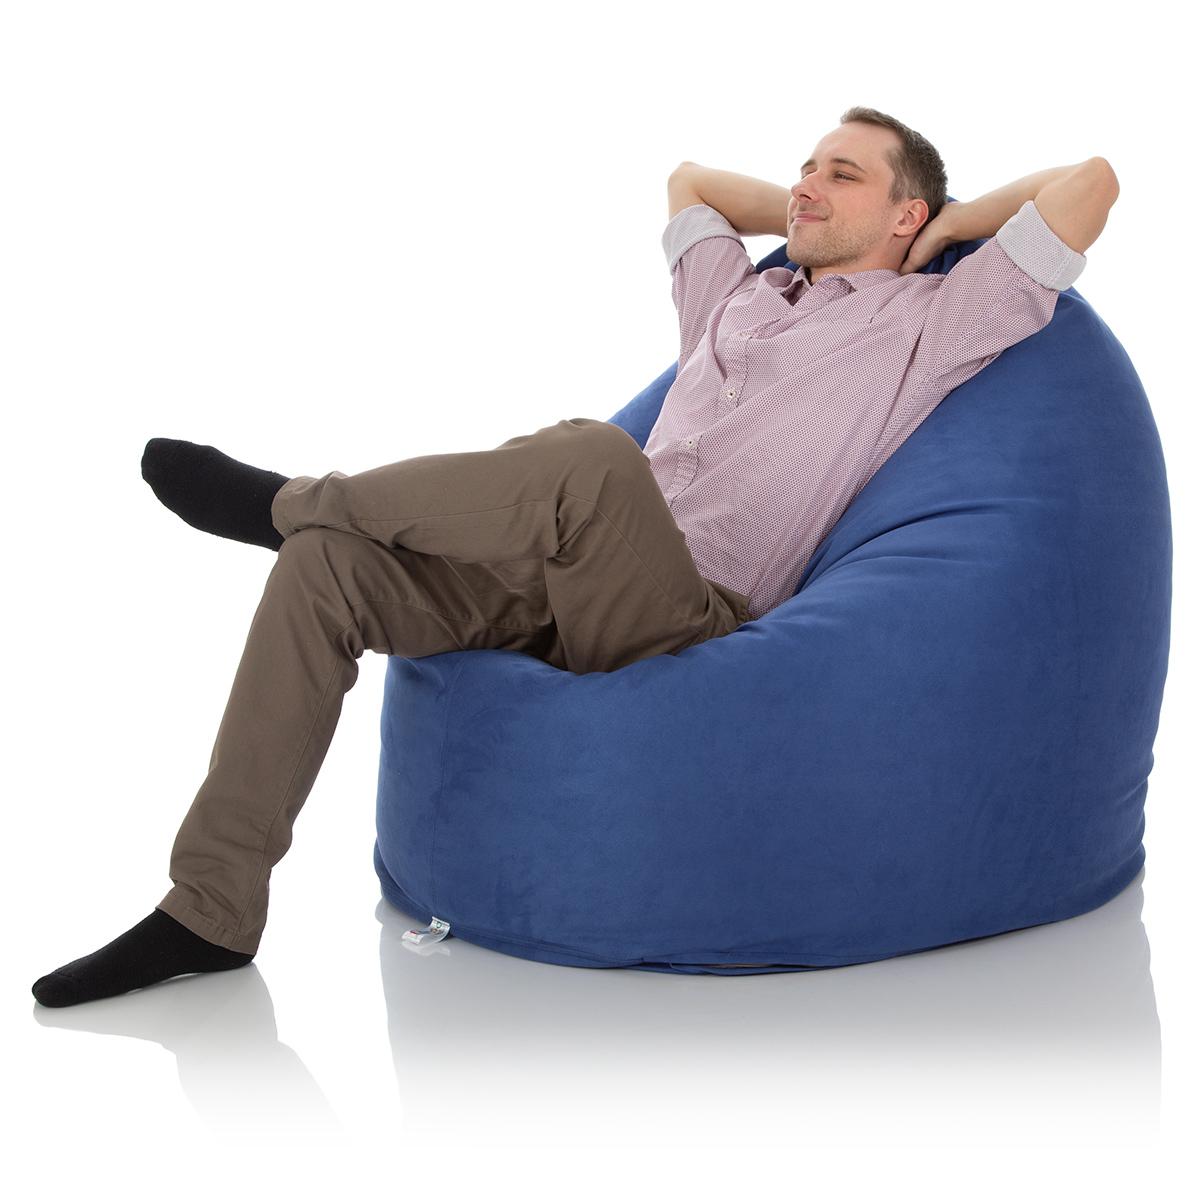 Runder Sitzsack Indoor für das Wohnzimmer in blau zum Chillen und Entspannen